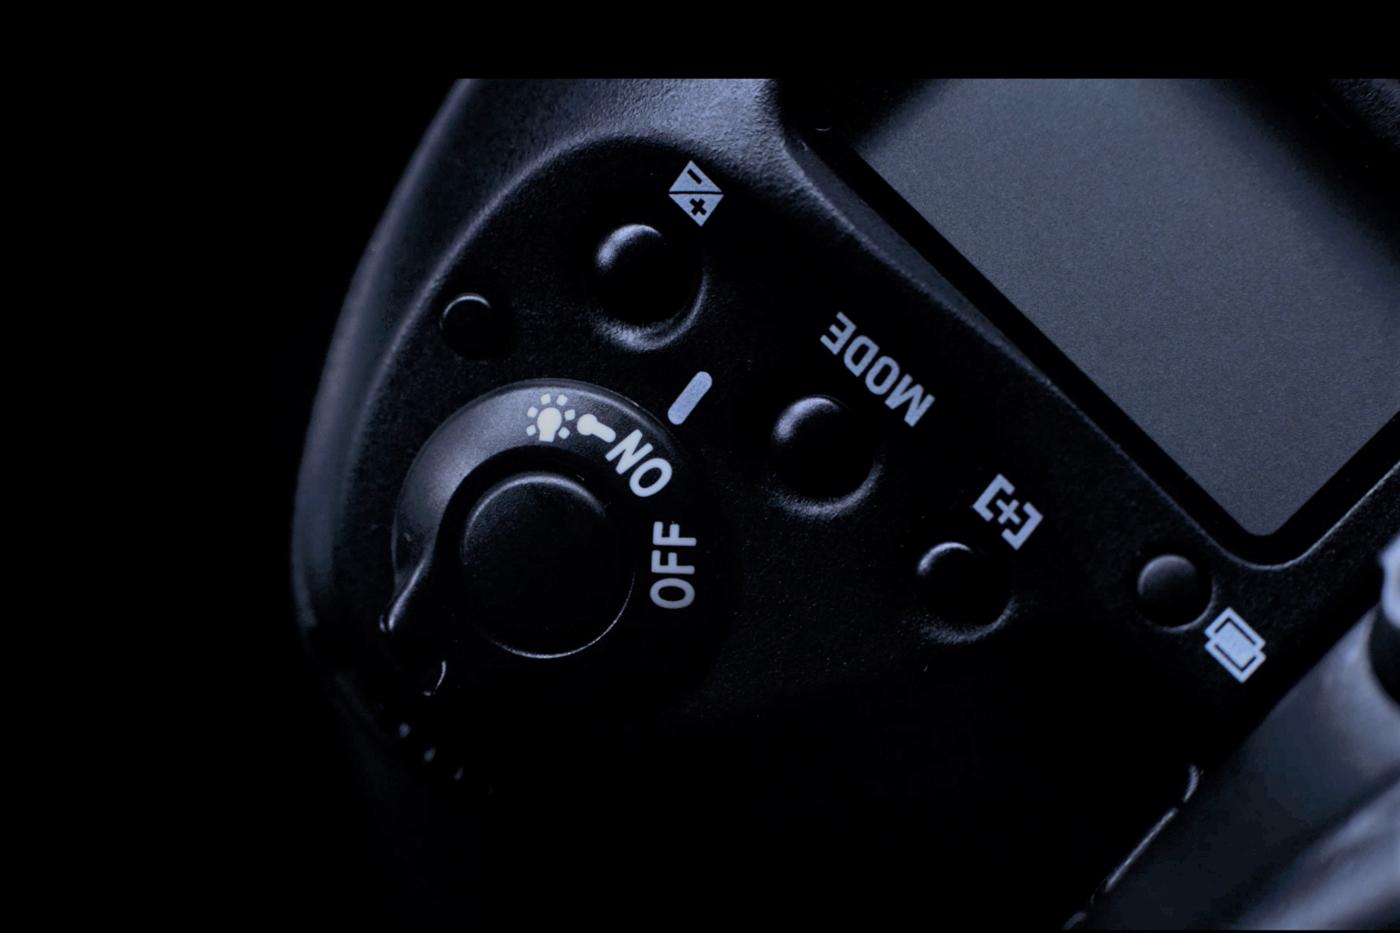 ニコンが新型ミラーレスカメラの第3弾ティザー動画を公開